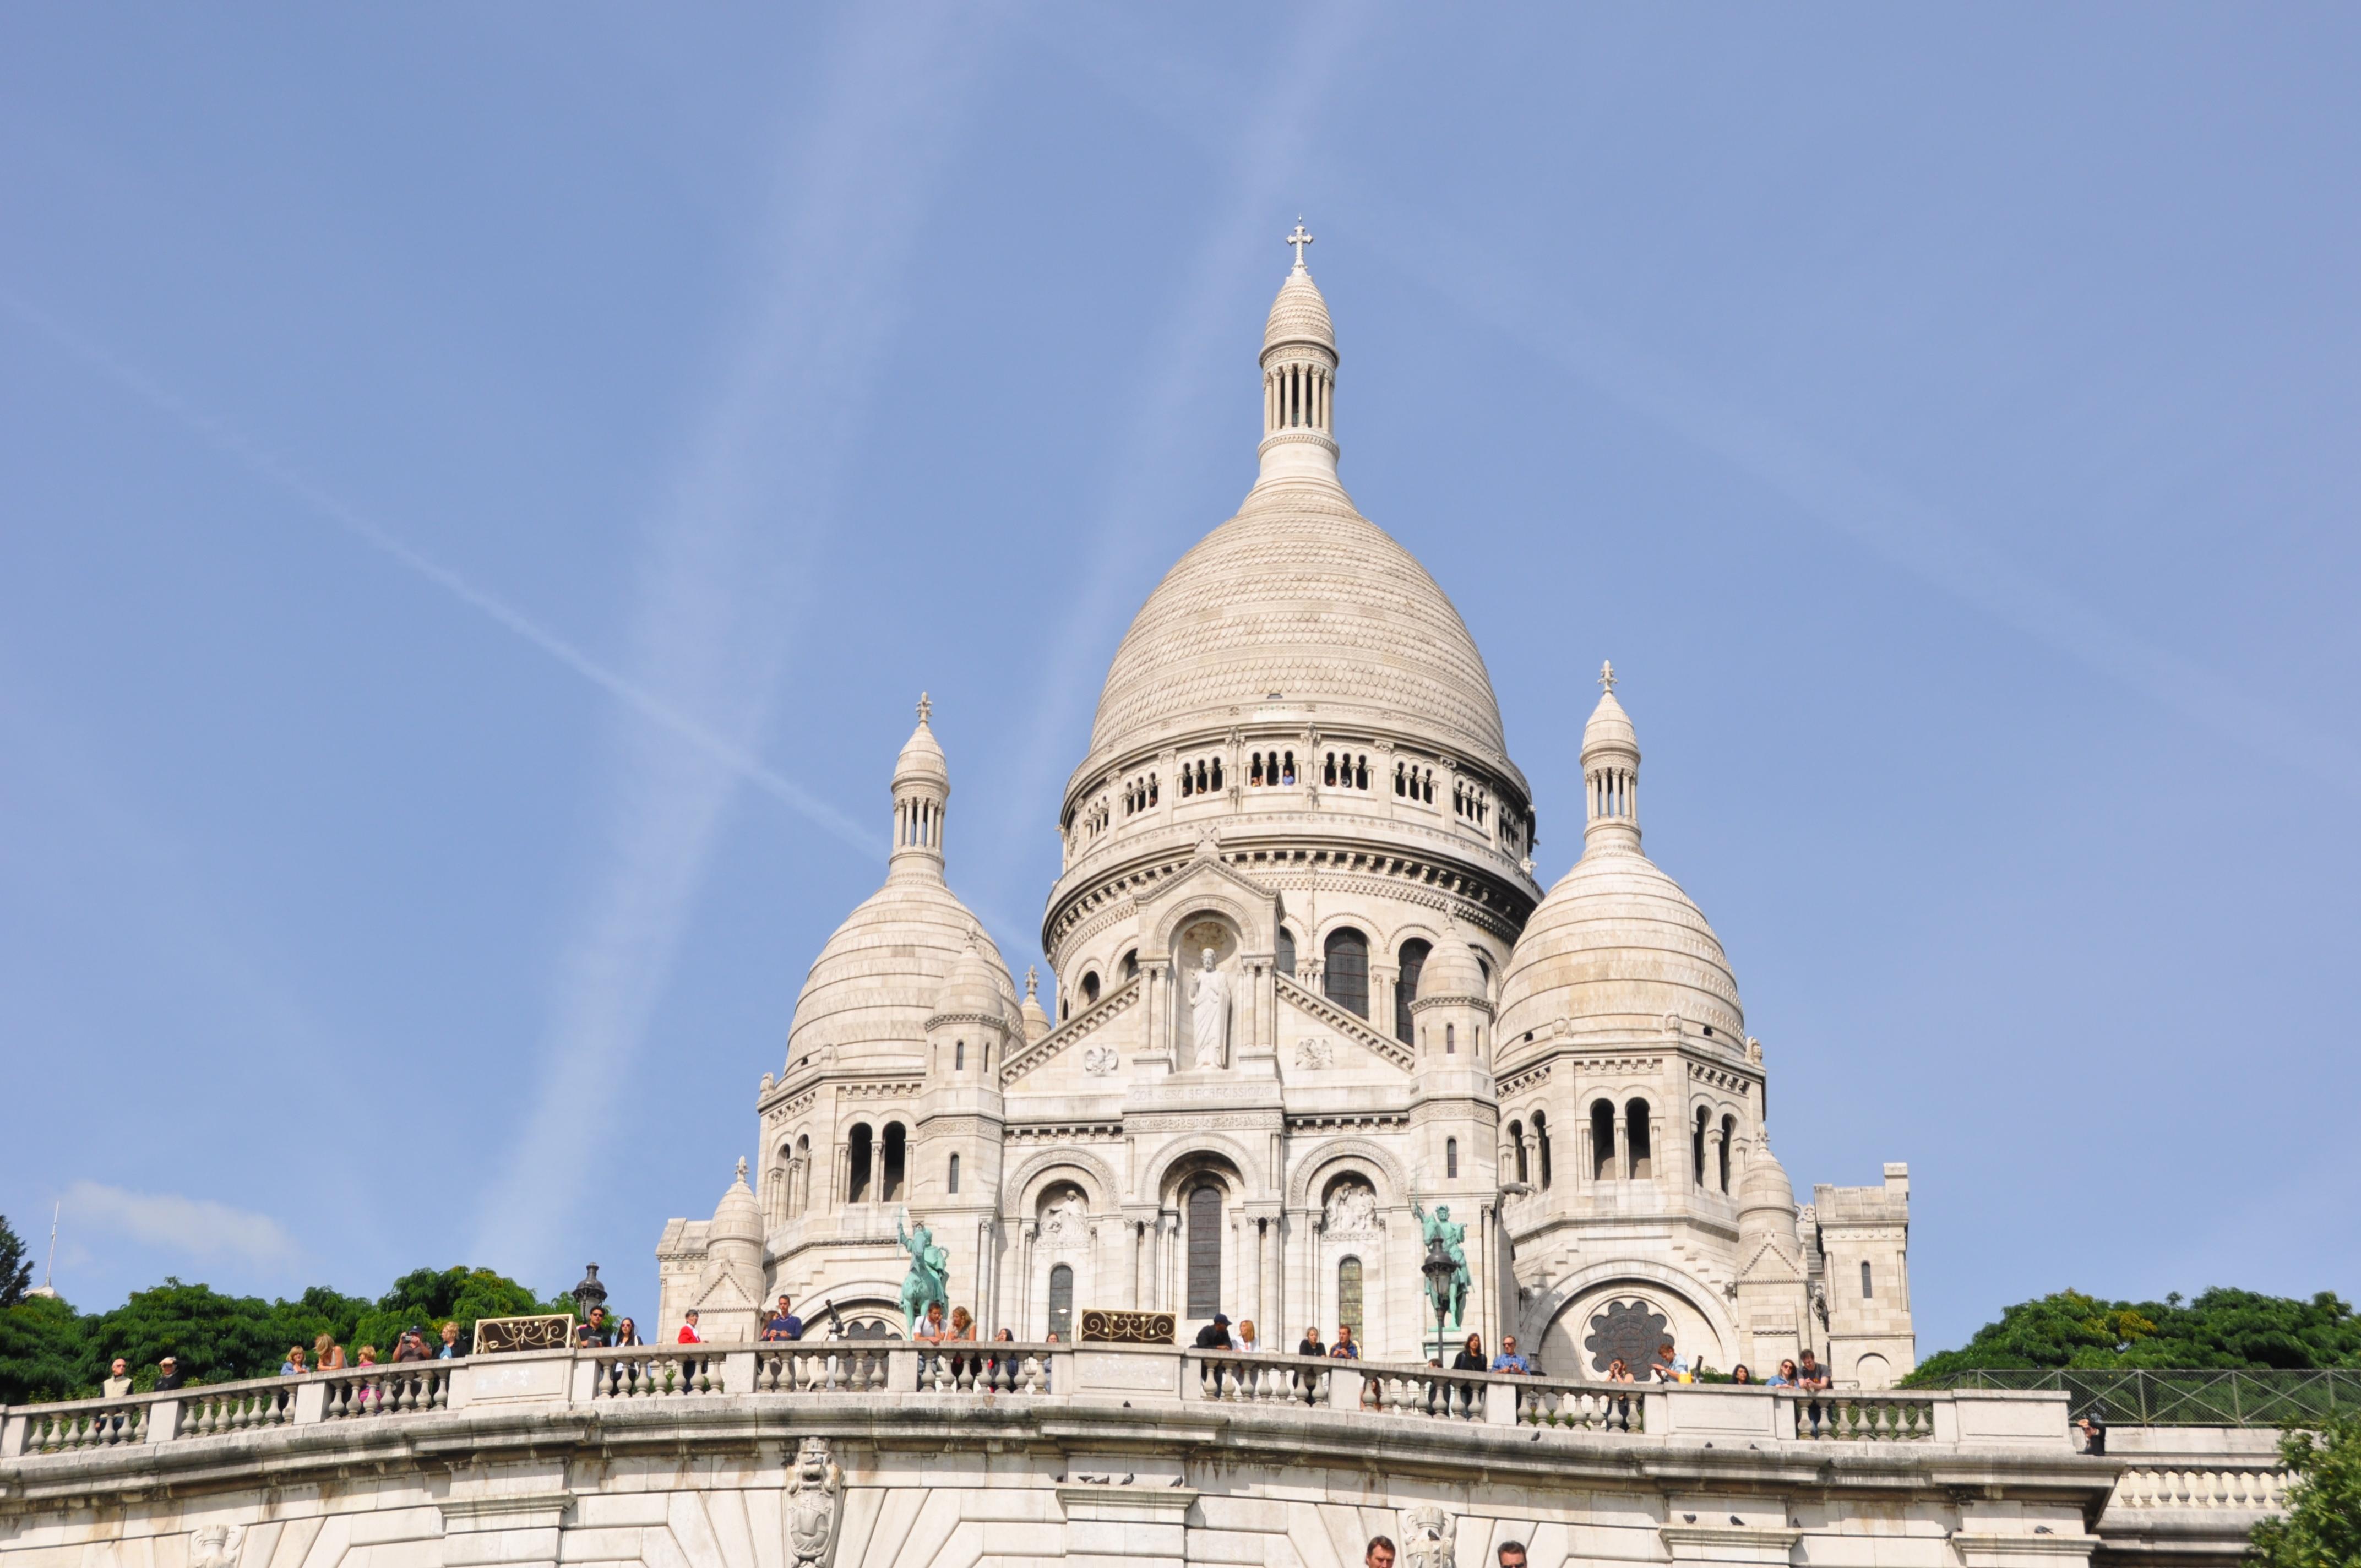 Basilique du Sacré-Coeur de Jésus, Montmartre, Paris